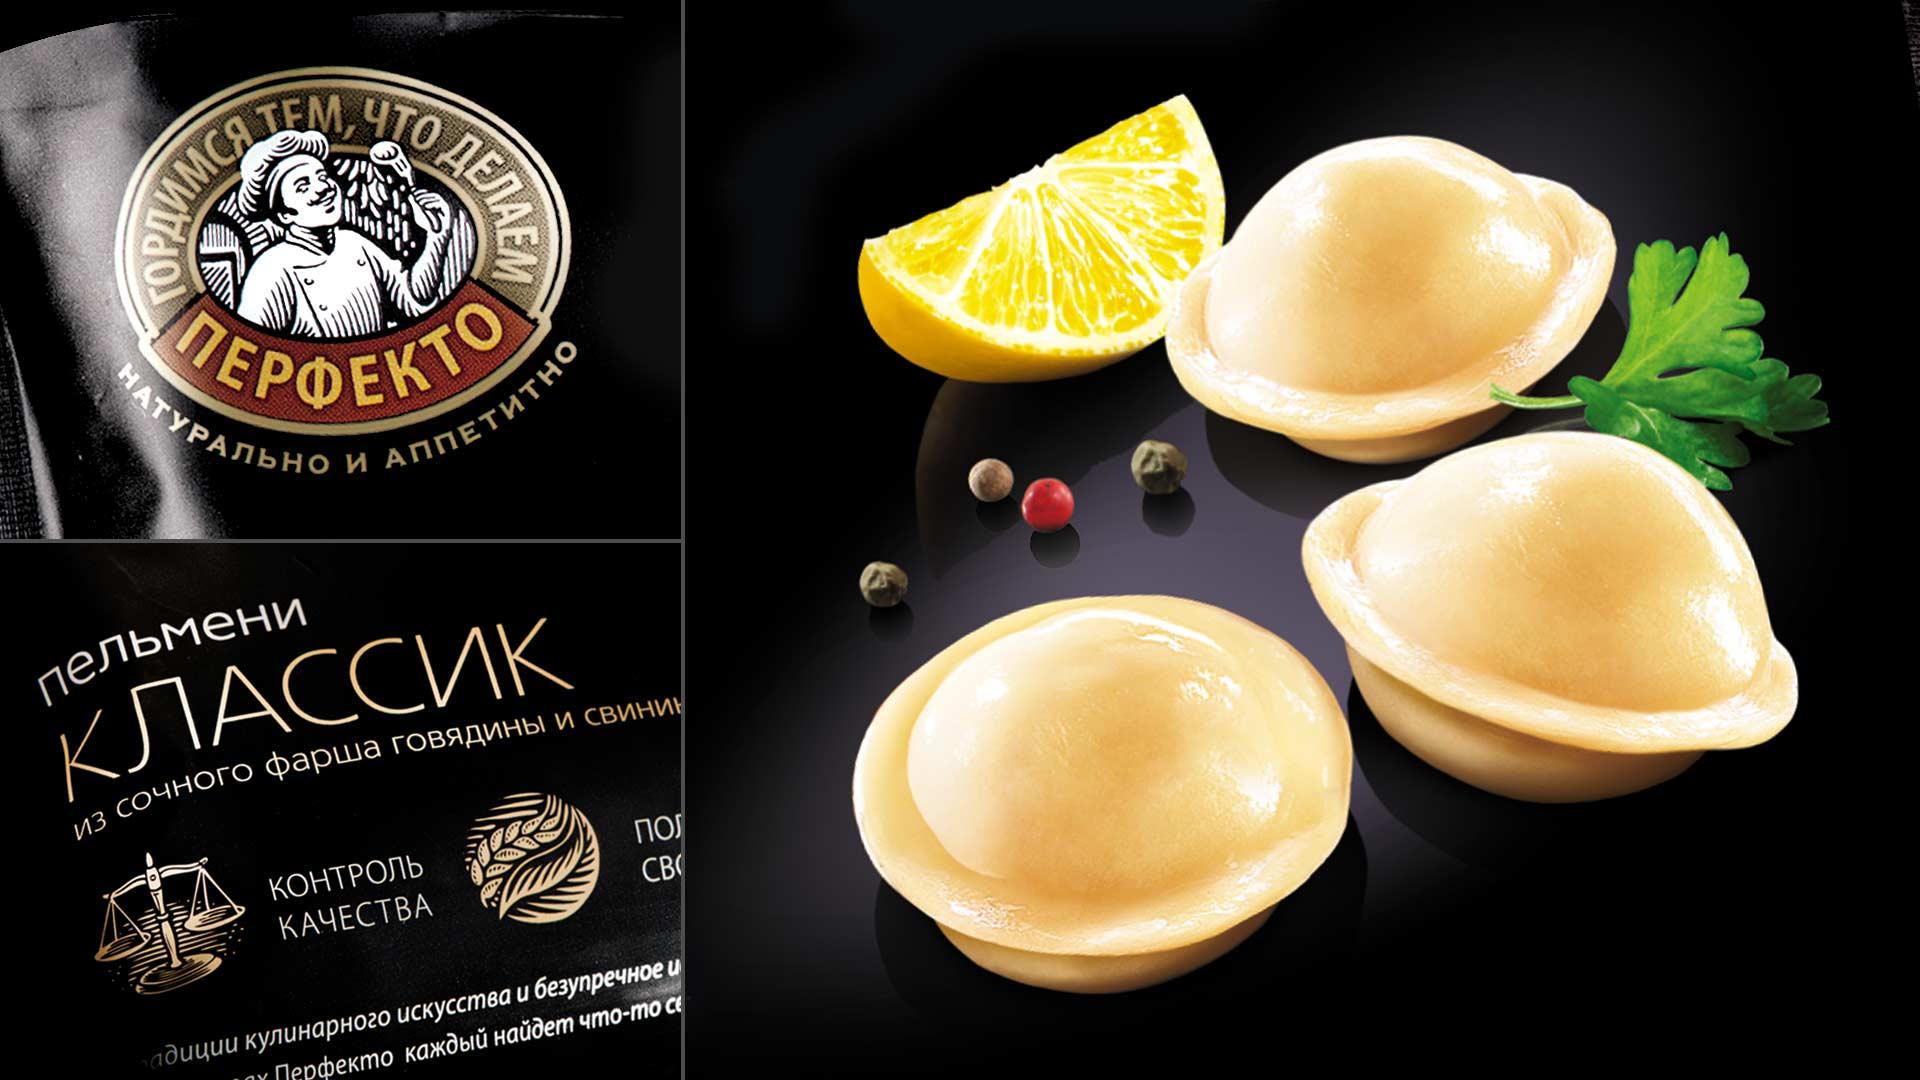 Детали упаковки нового бренда пельменей премиум-класса